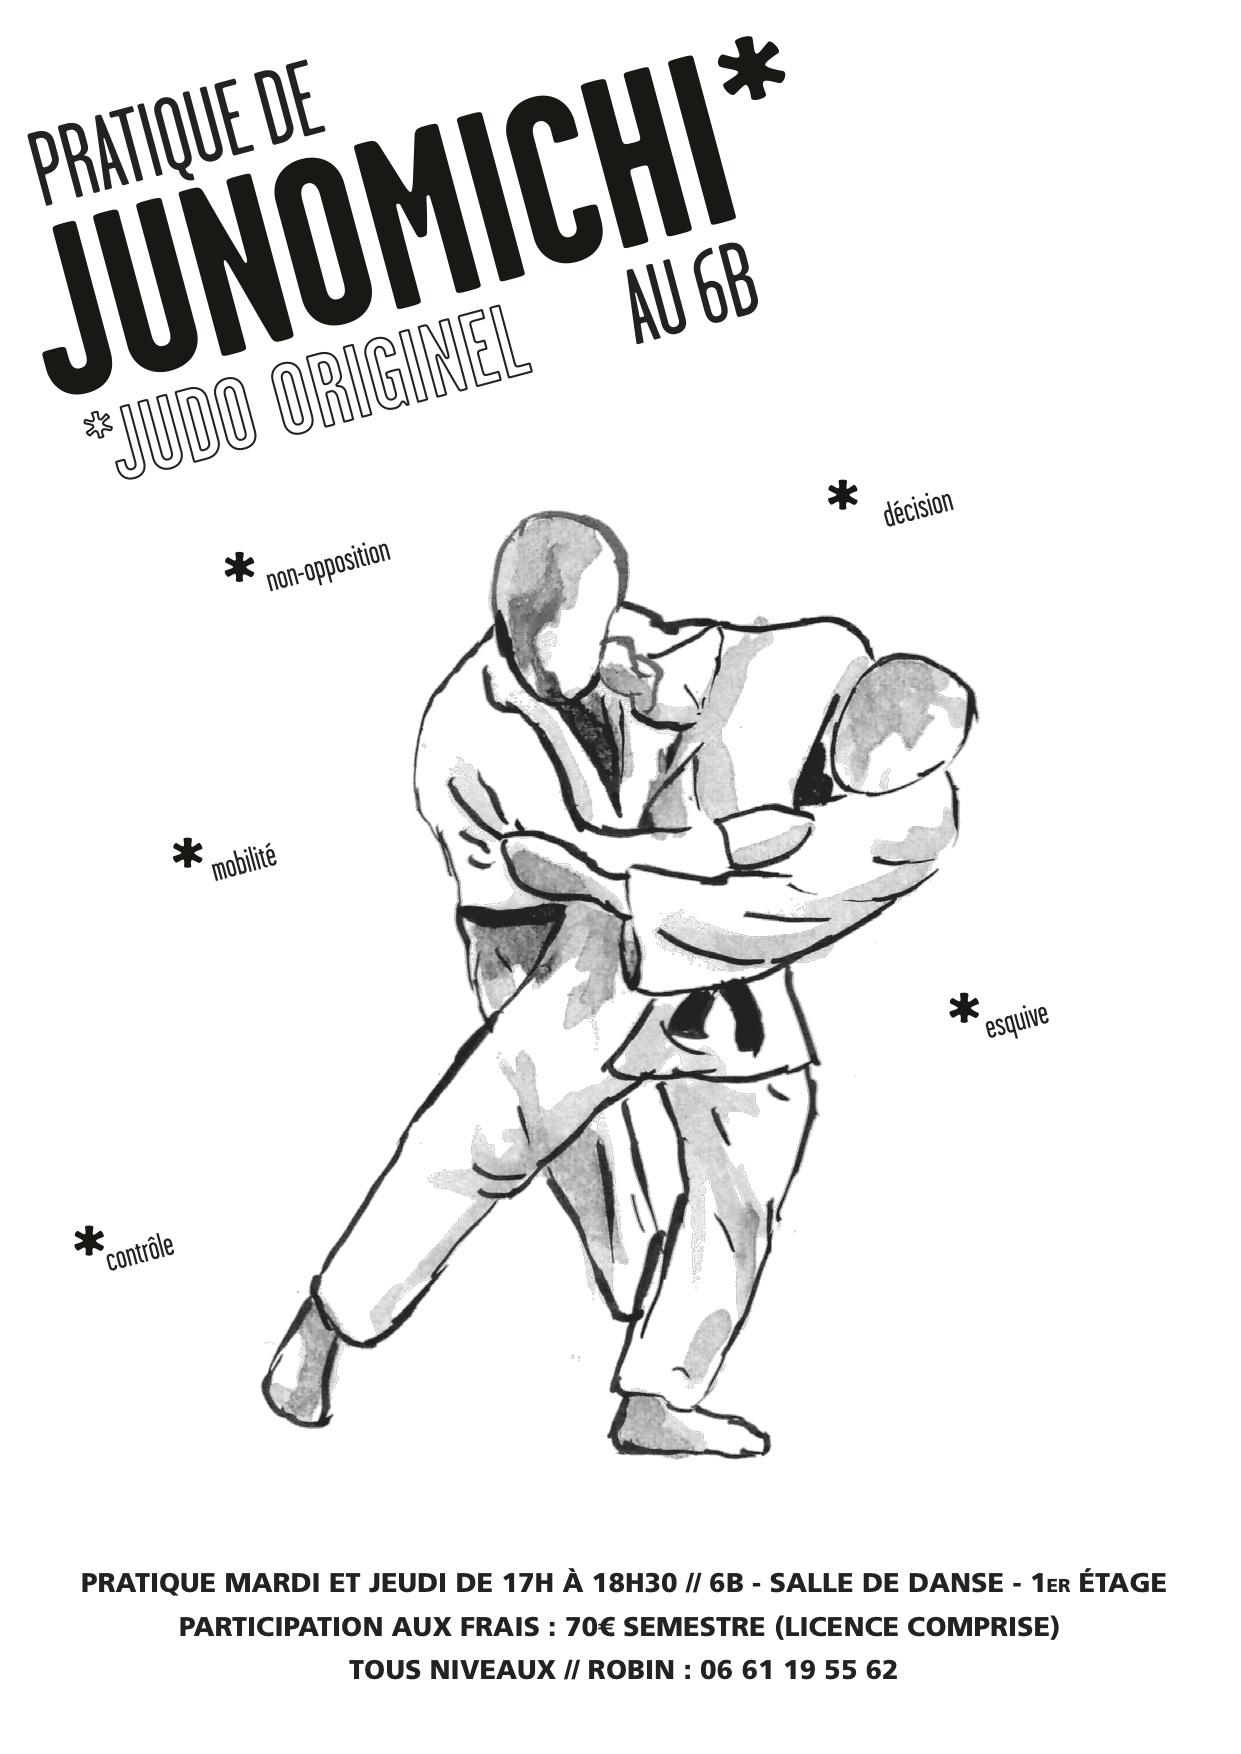 Cours de Junomichi au 6b